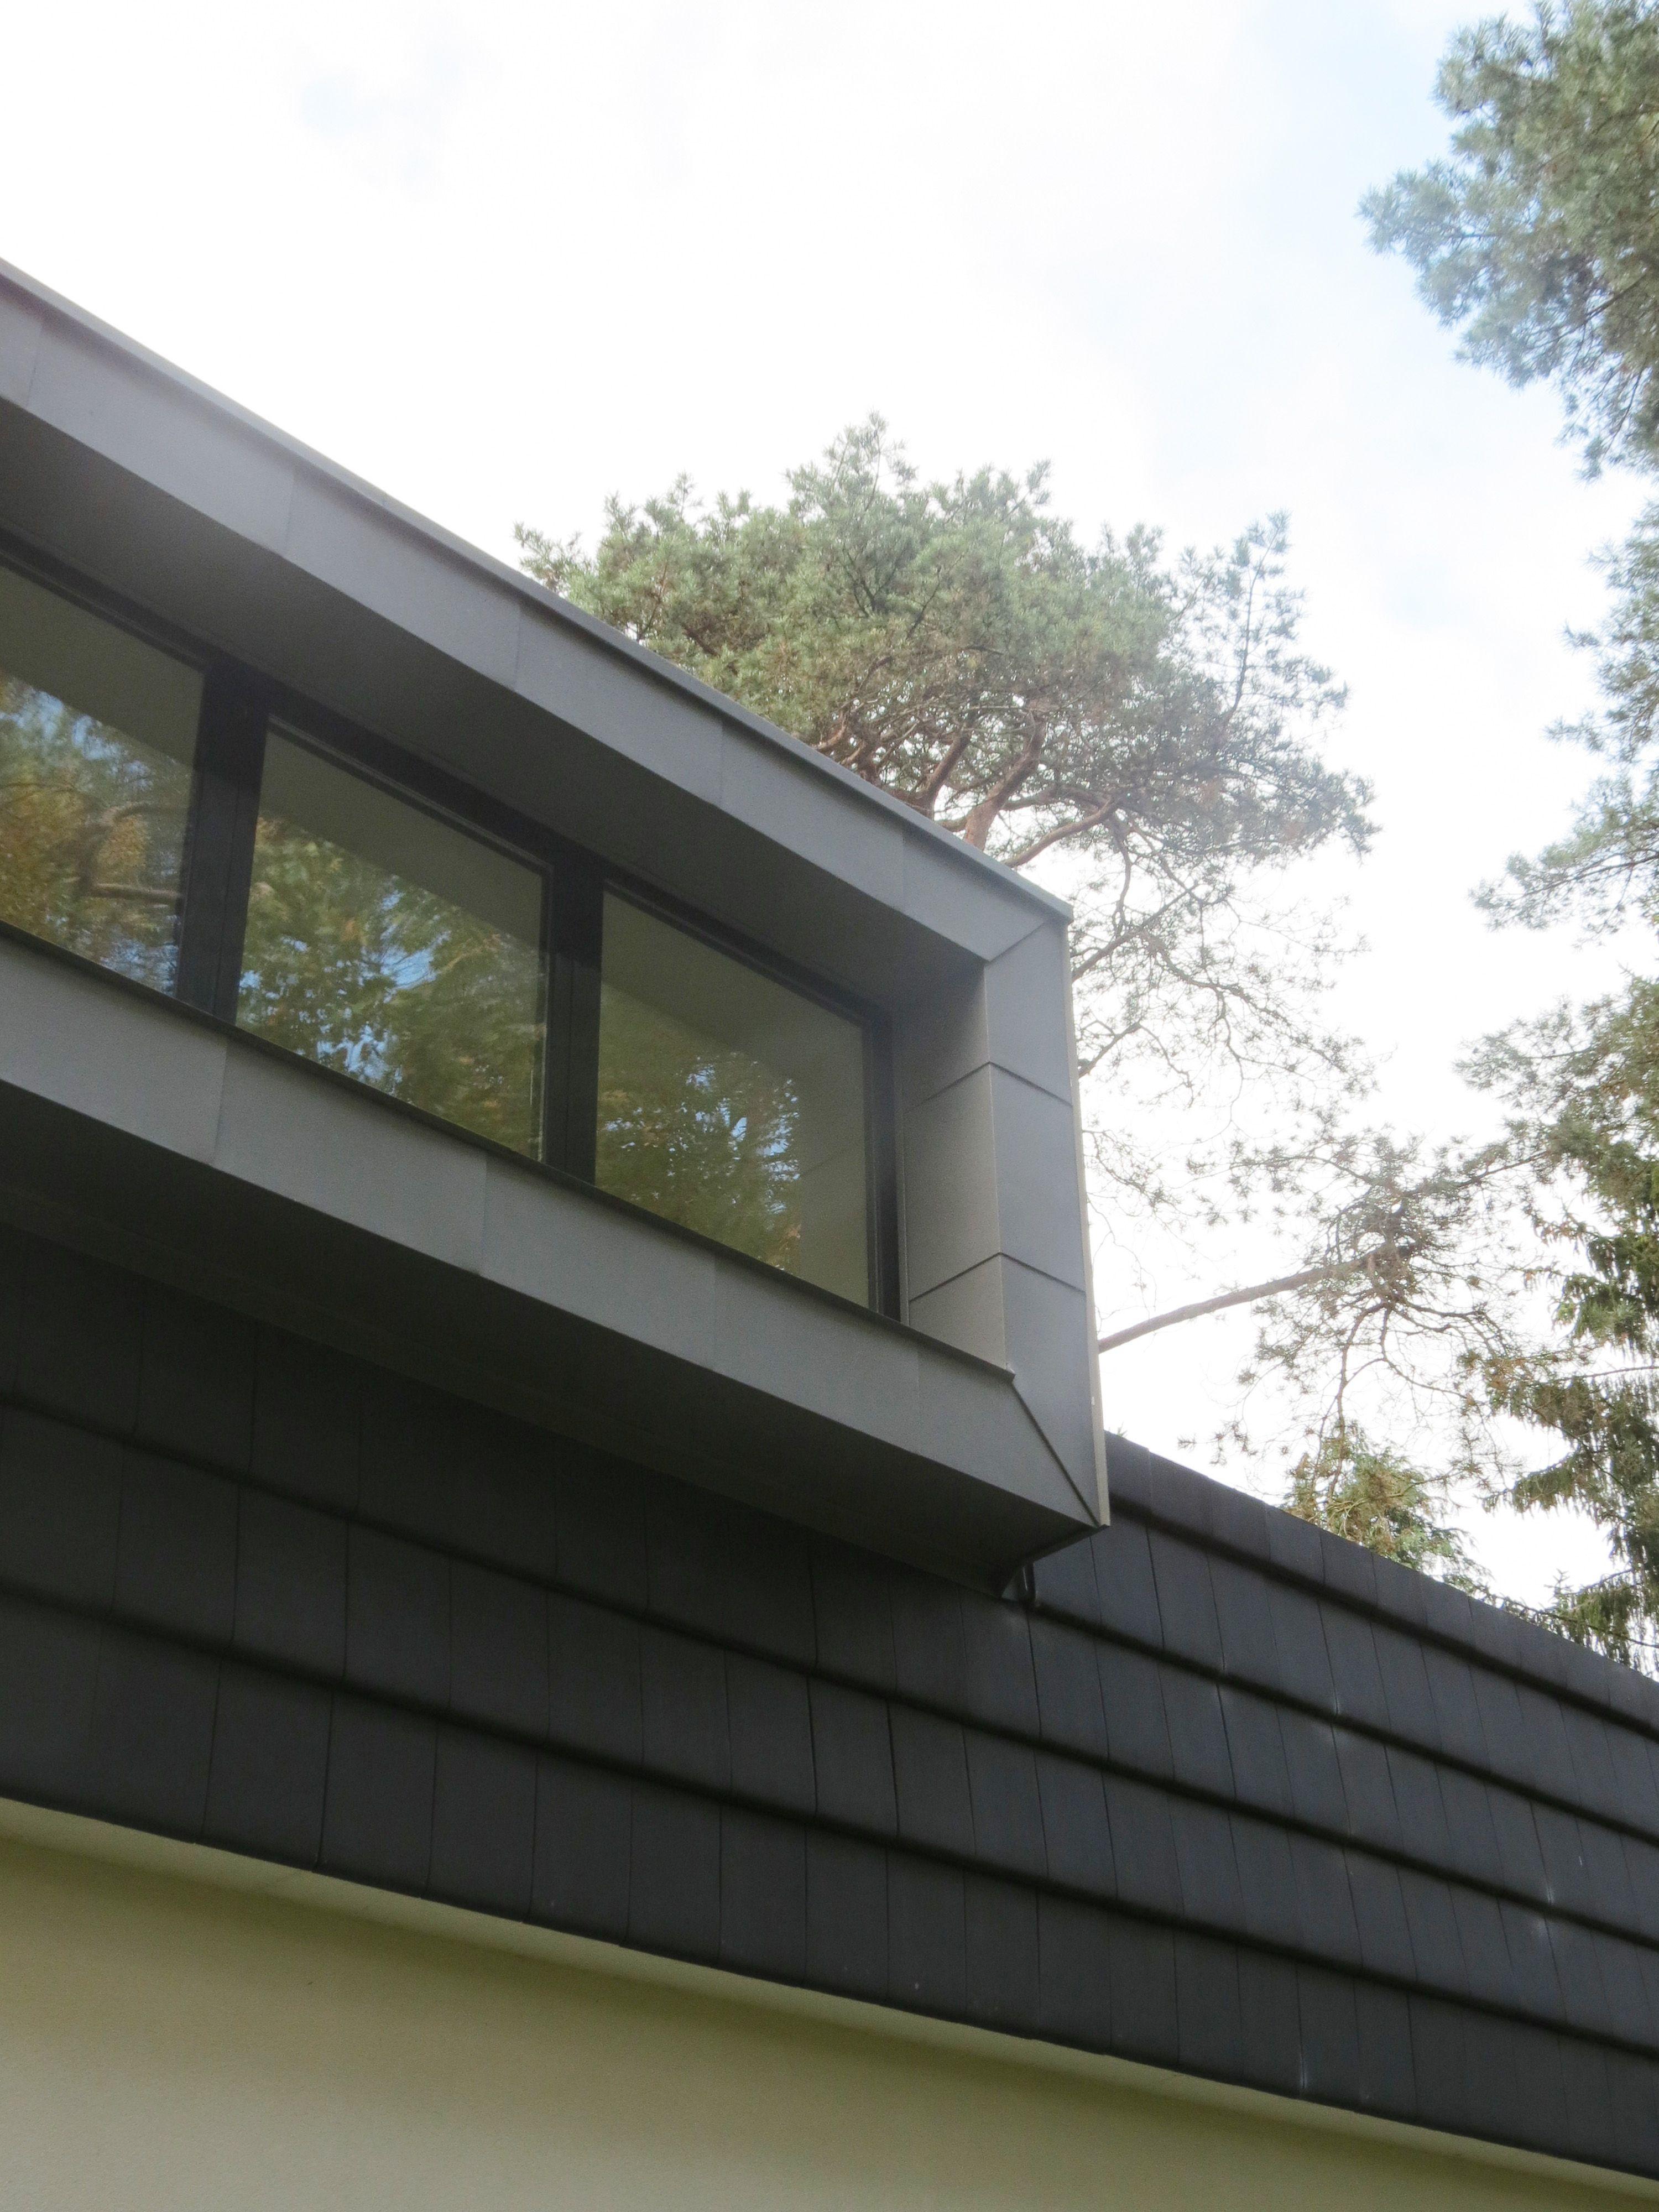 House White Stucco, Aluminum Frames, Zinc Coated Dormer Woning Wit